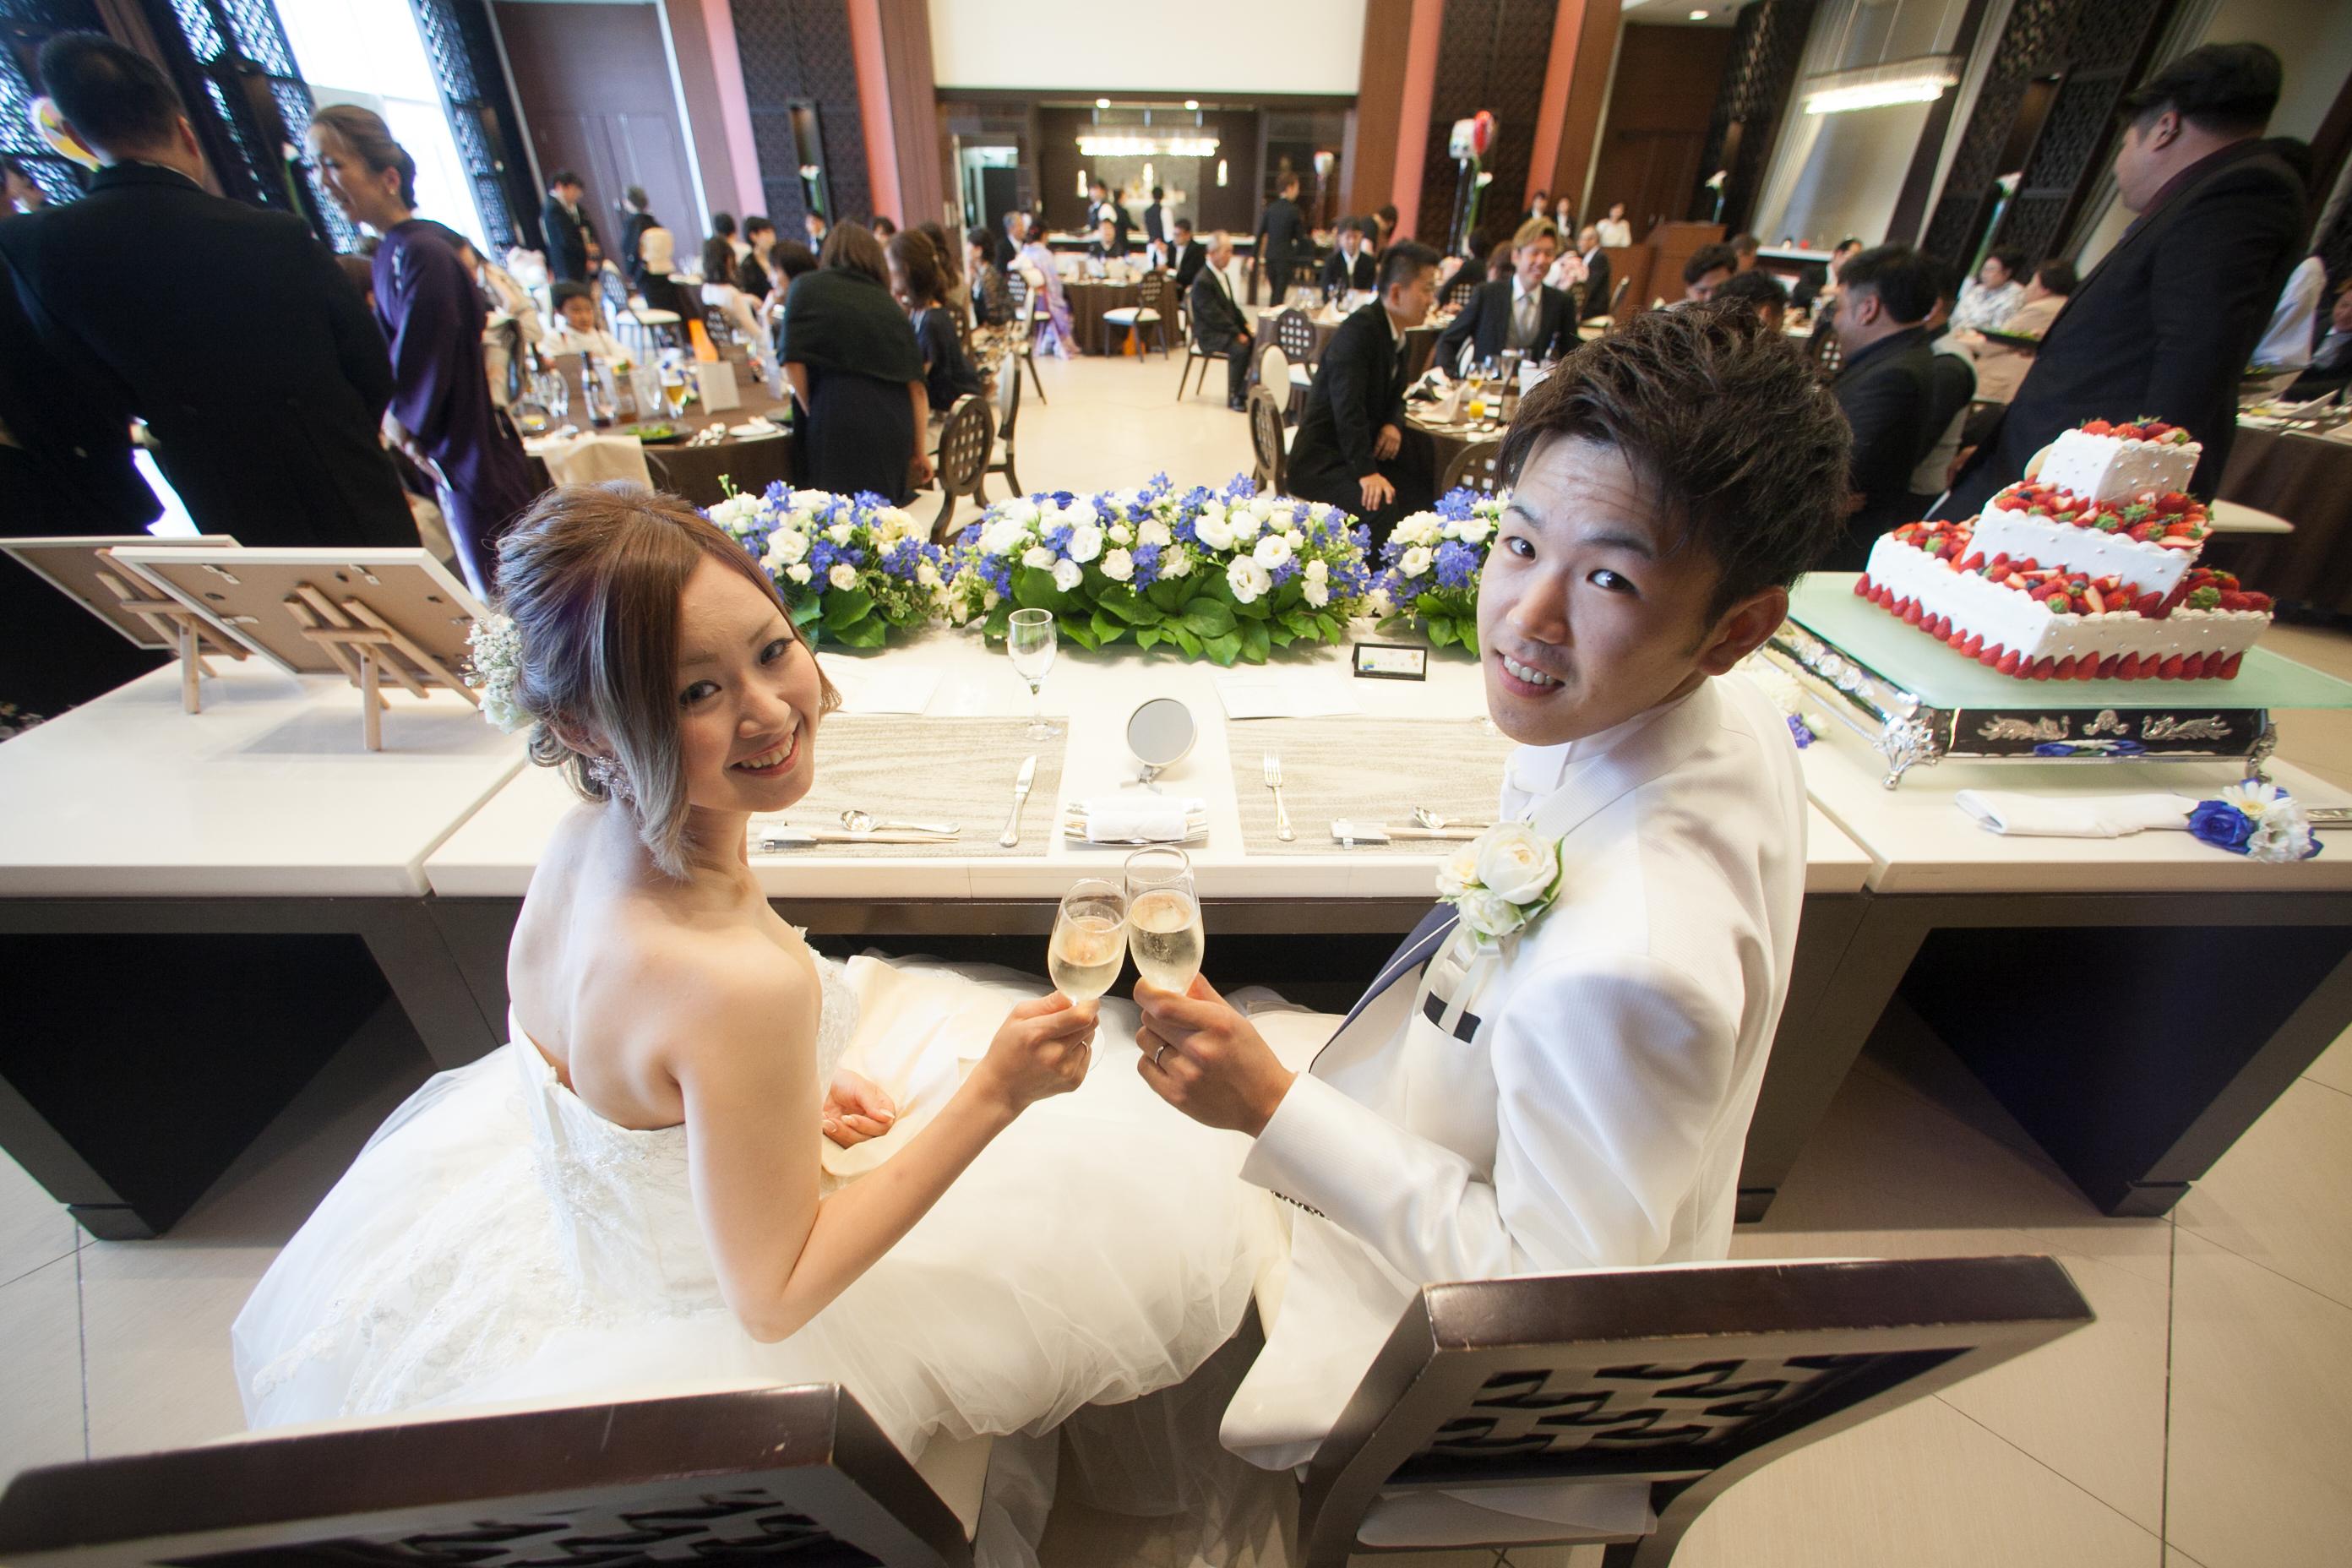 徳島市の結婚式場ブランアンジュで新郎新婦の席からの特別なワンショット